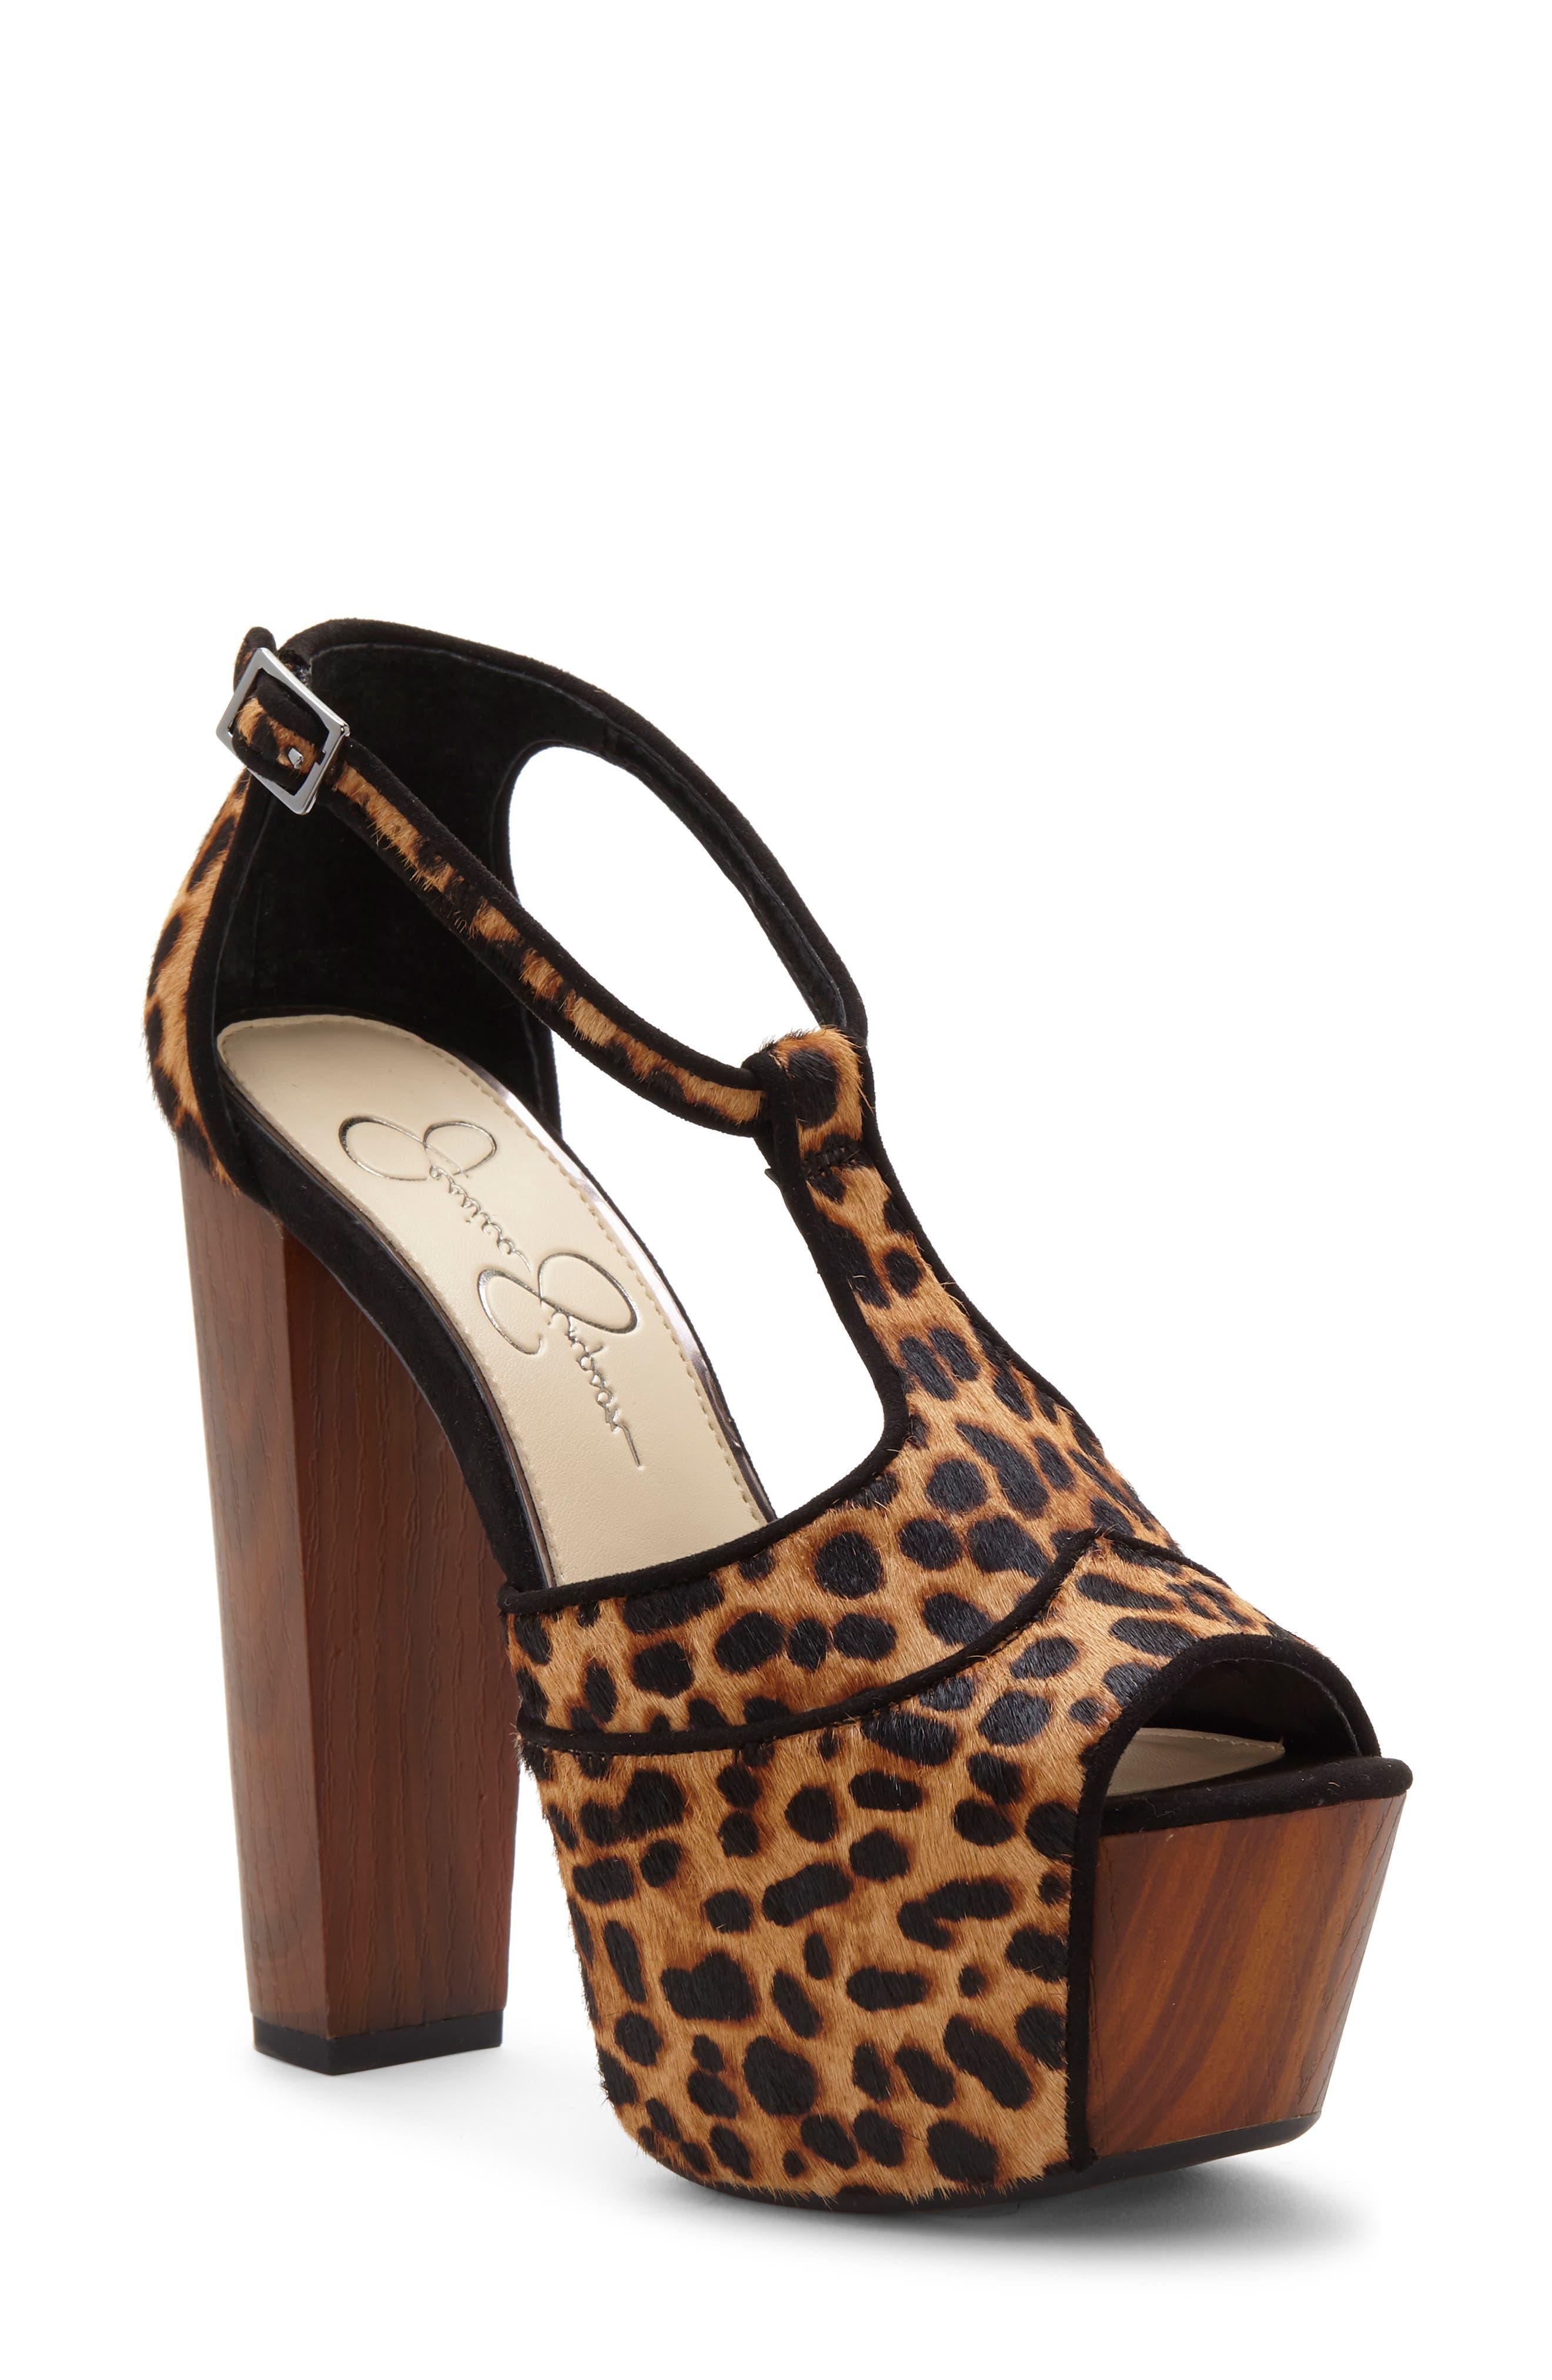 8d9efd40e7c Jessica Simpson Sandals - Women s